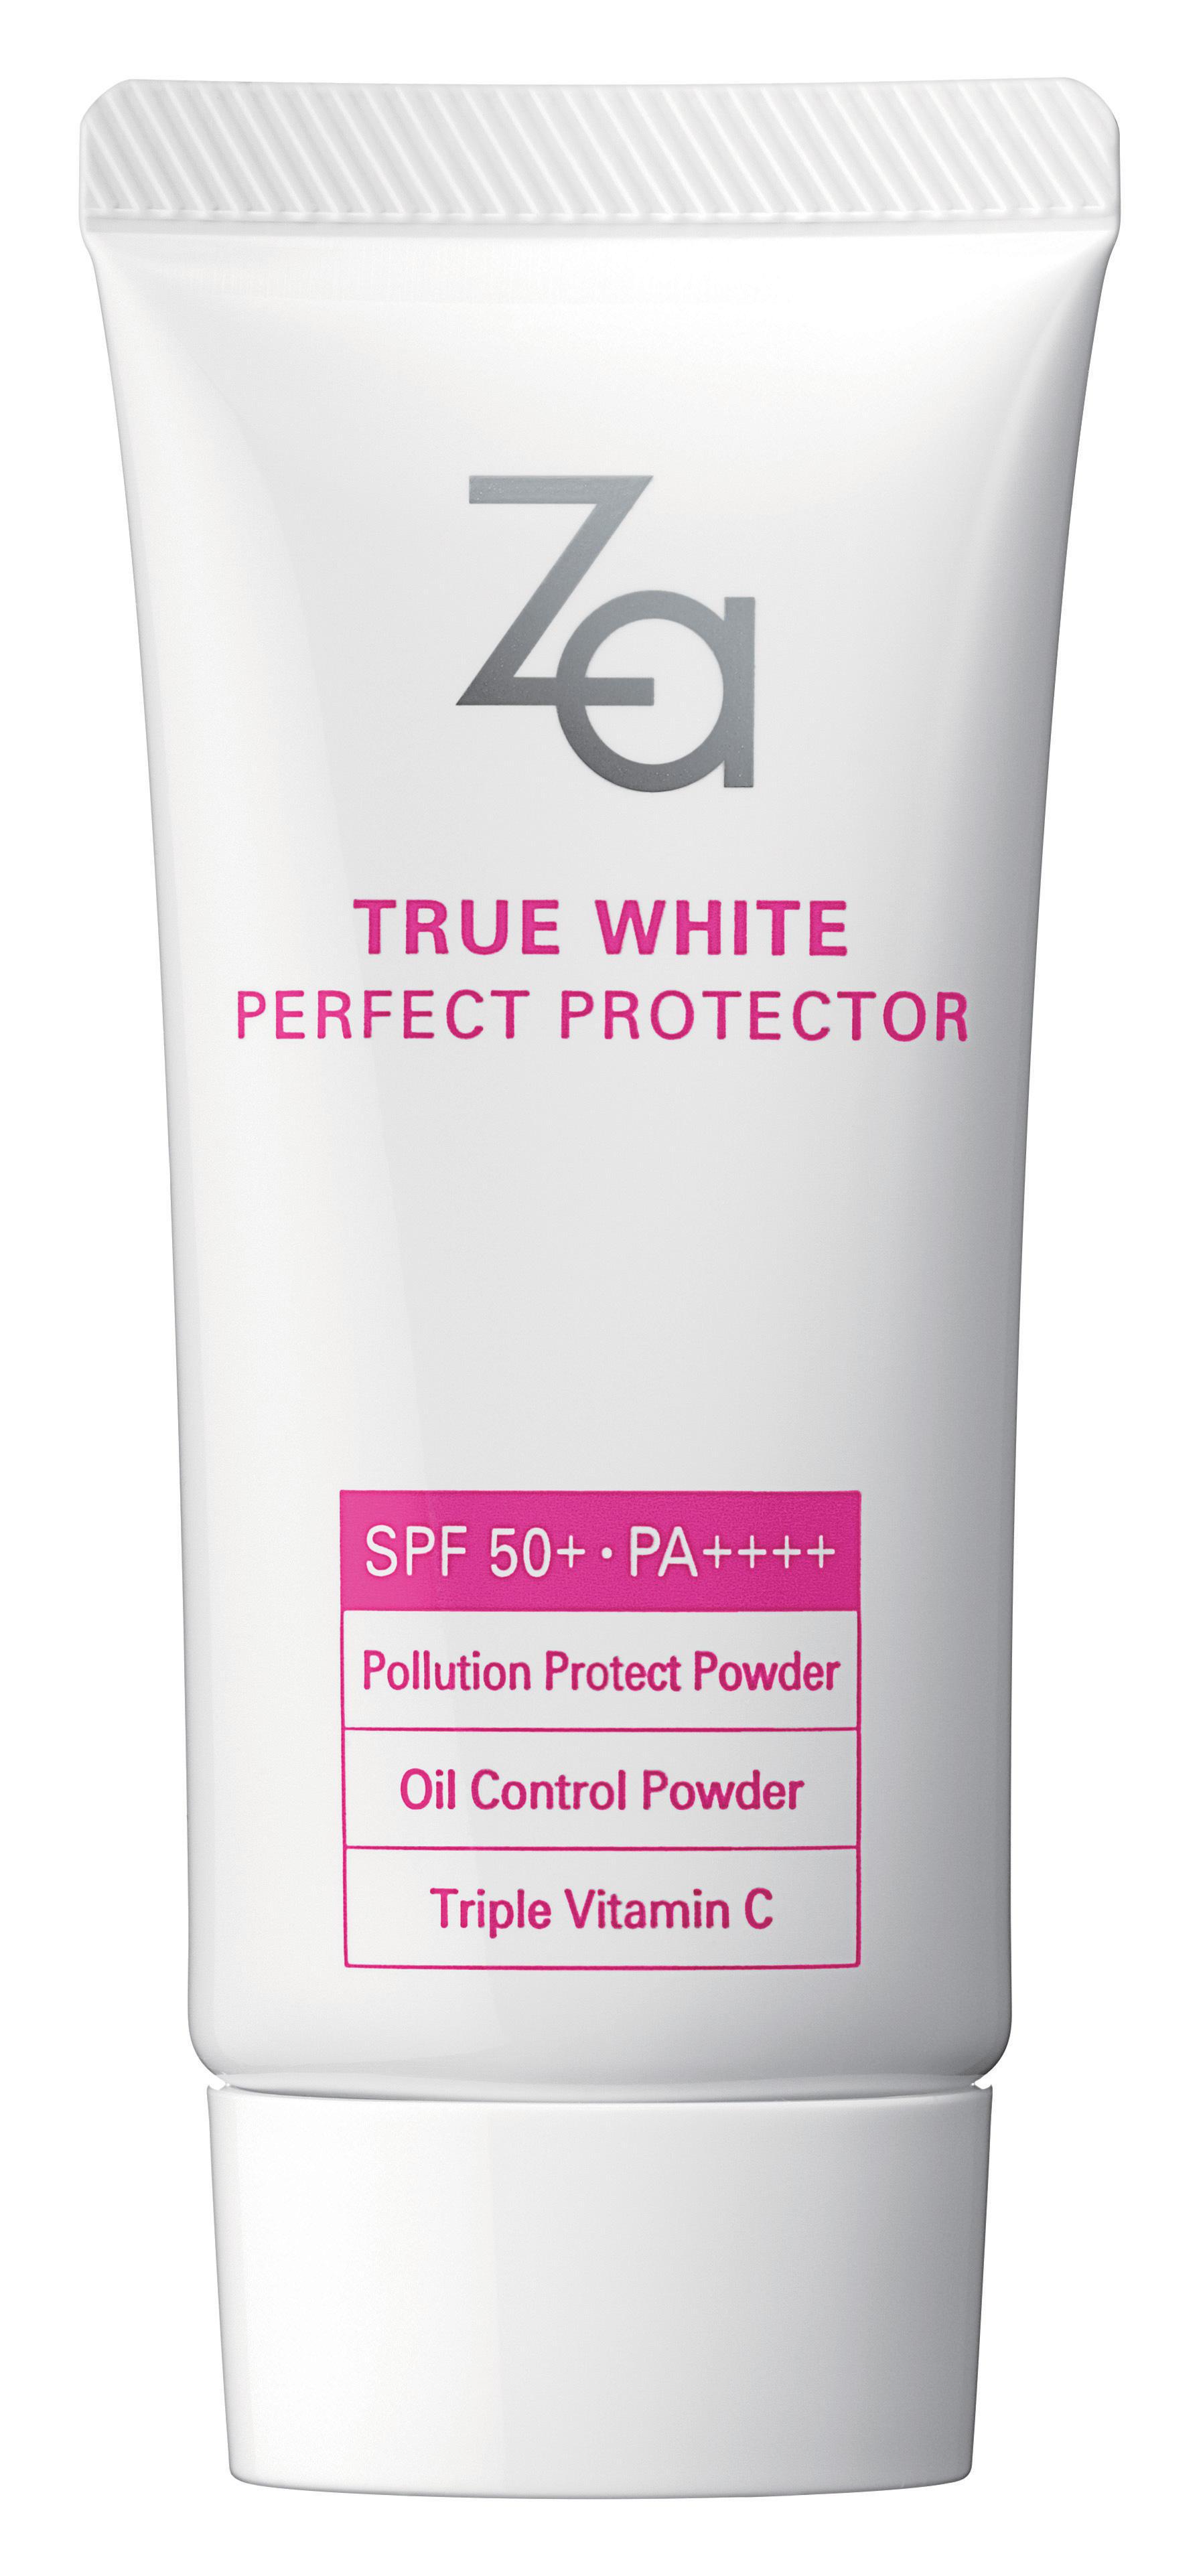 Za true white Perfect protecter ปกป้องผิวจากแสงแดดได้ดีเยี่ยม